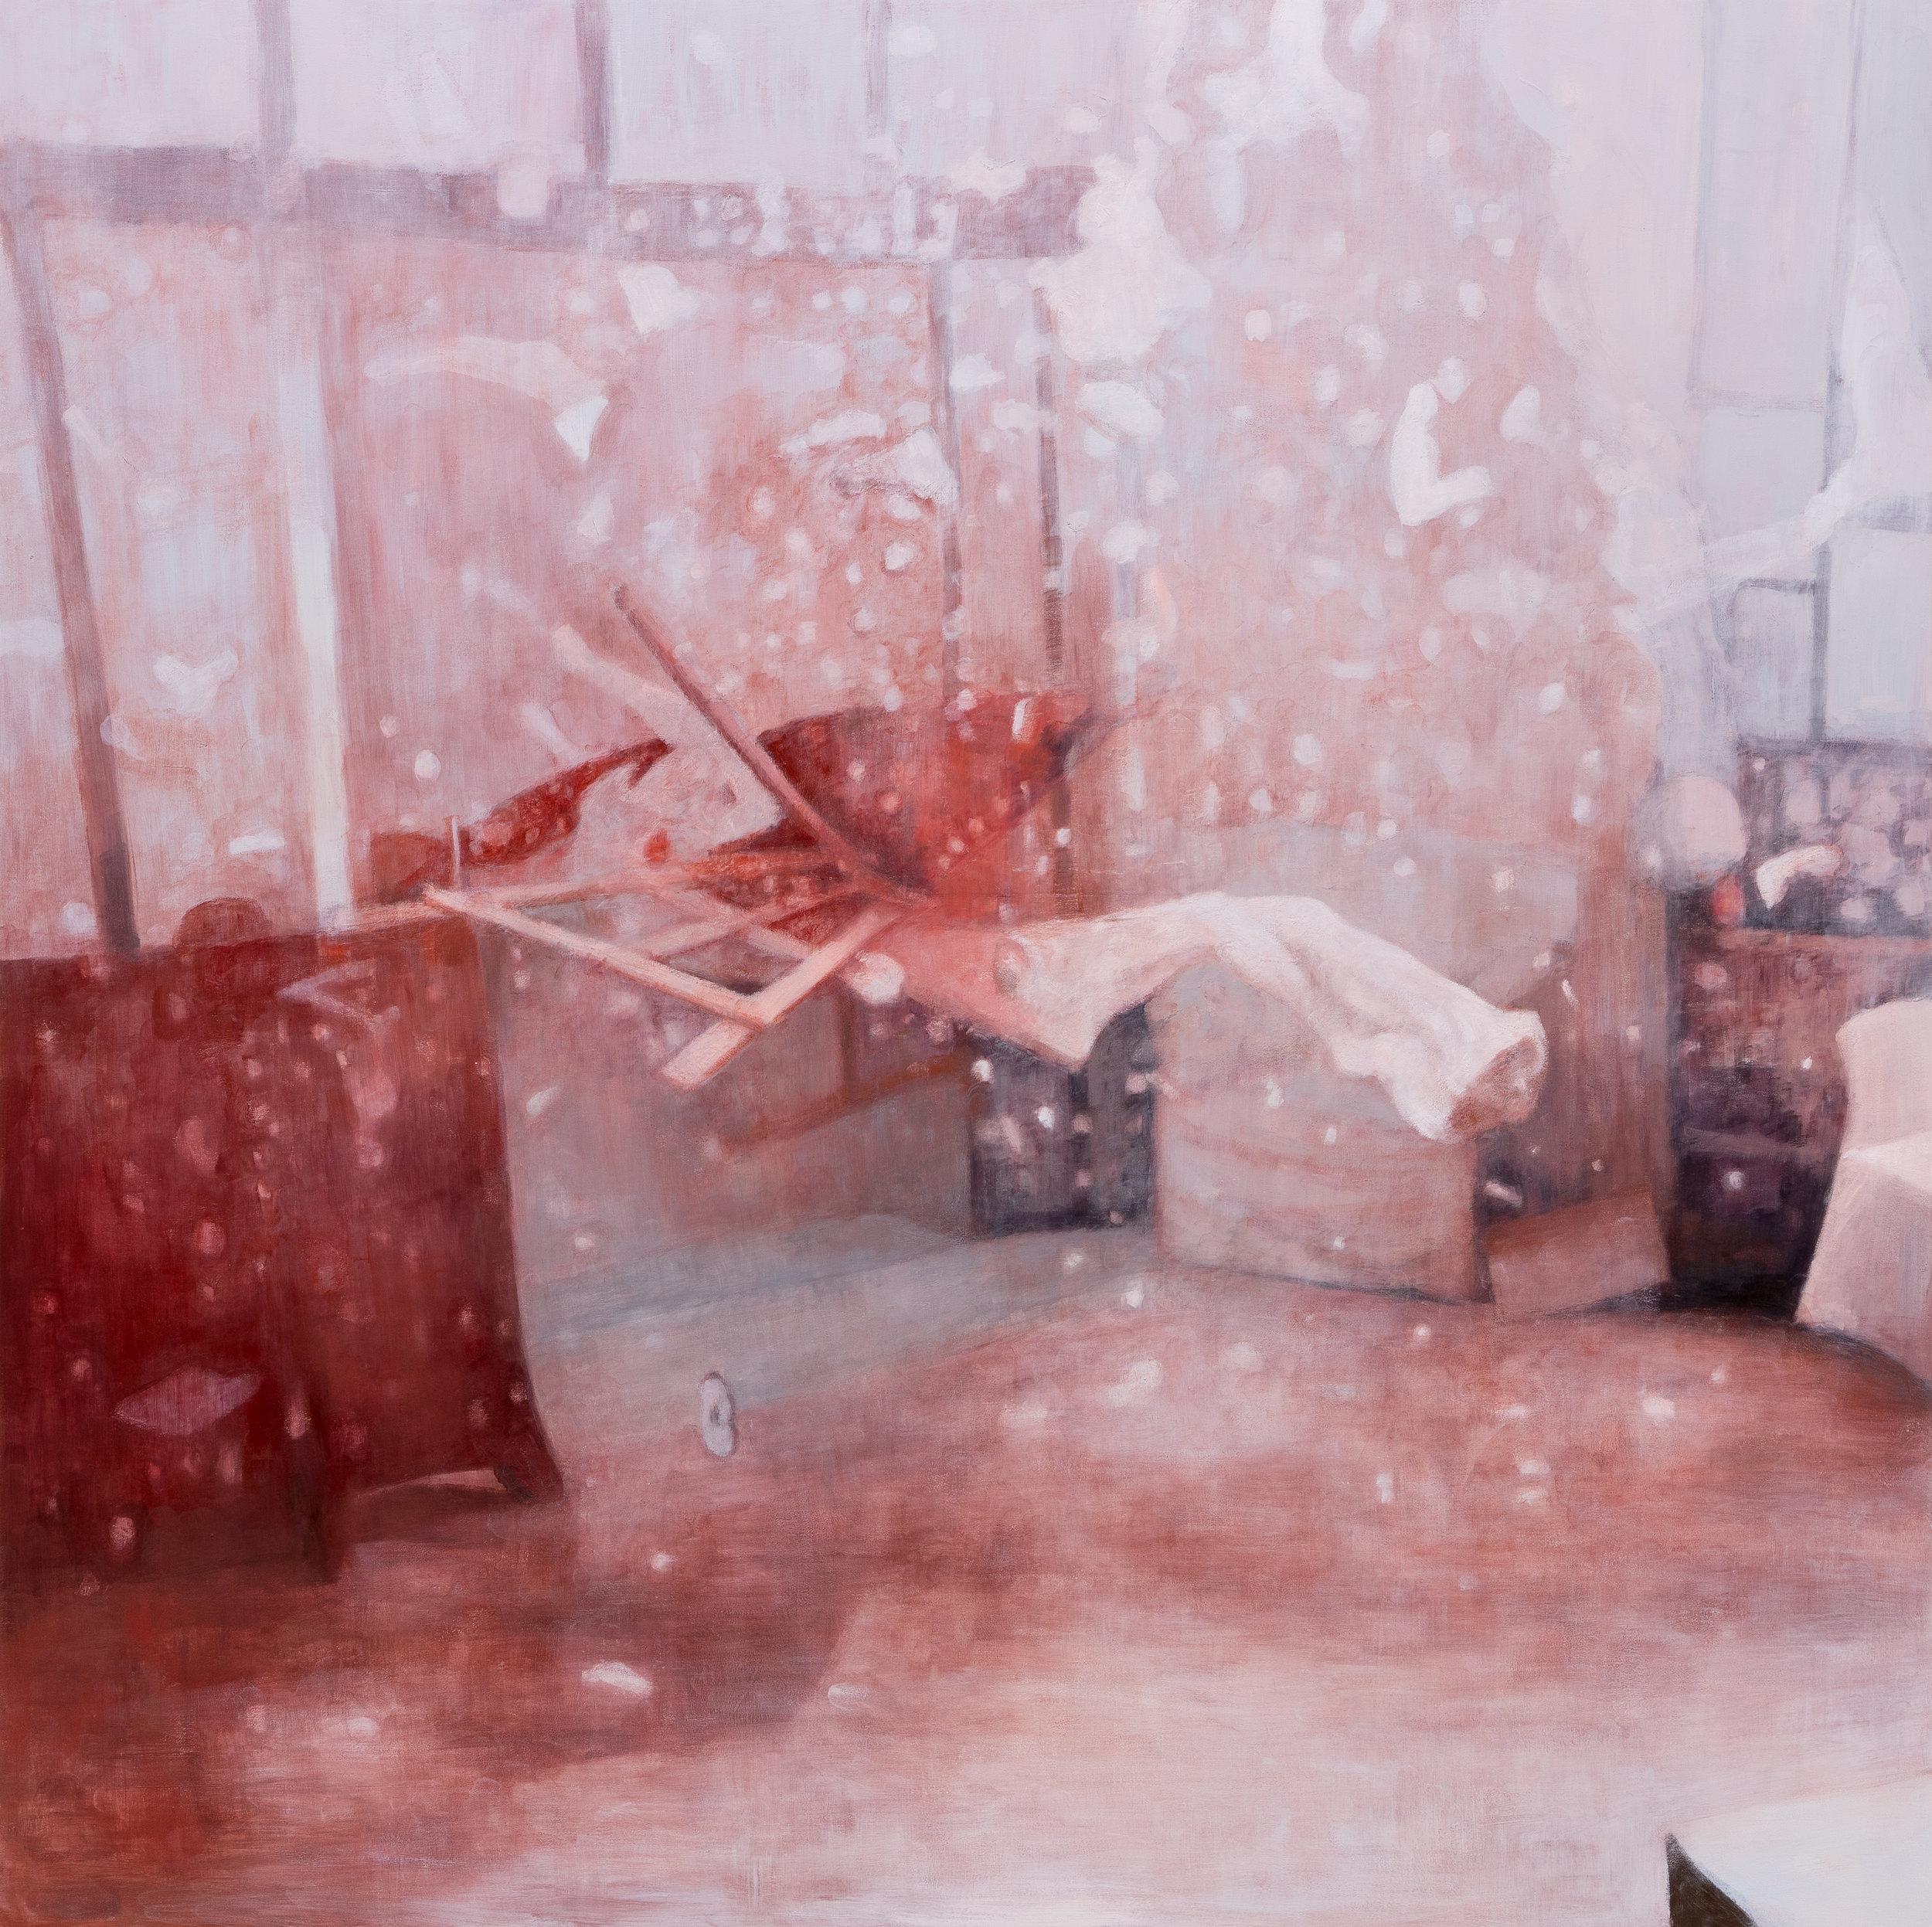 """Joe Lima, Everything Moves Around Everything Else, 2019, peinture à l'huile et cire sur panneau de bois, 152 x 152 cm (60"""" x 60"""")"""